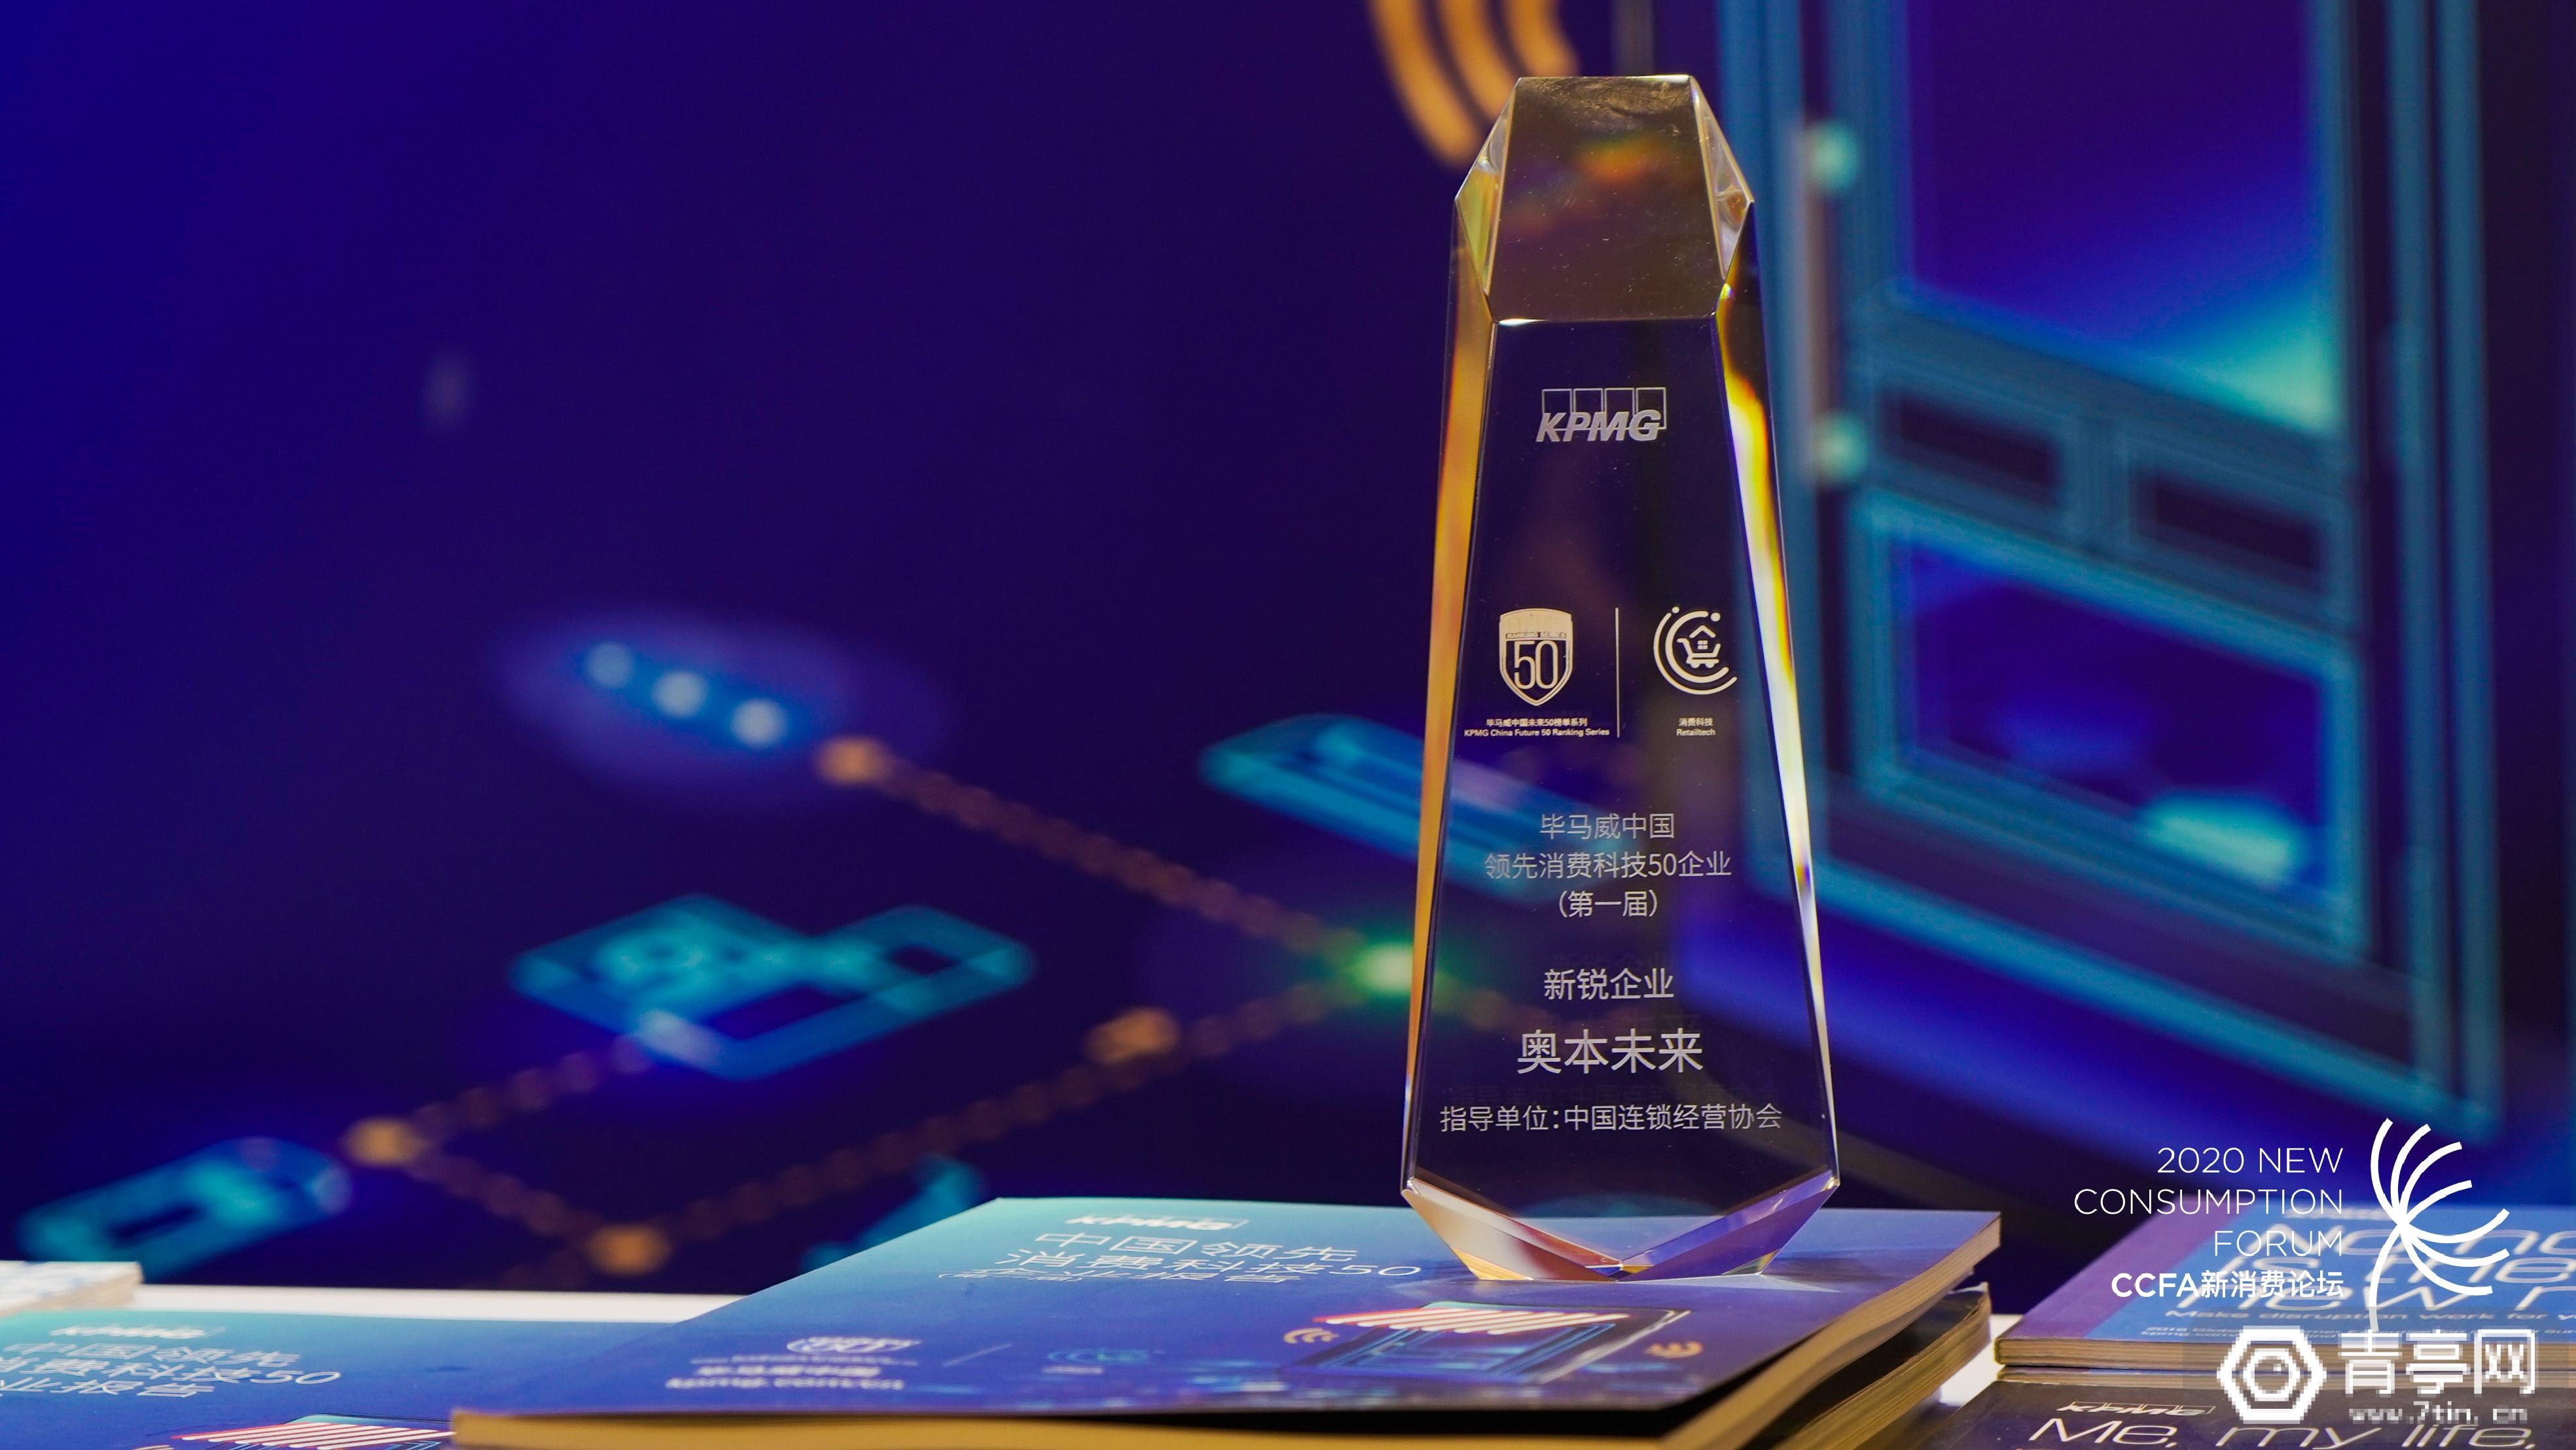 奥本未来入选KPMG中国领先消费科技企业50强